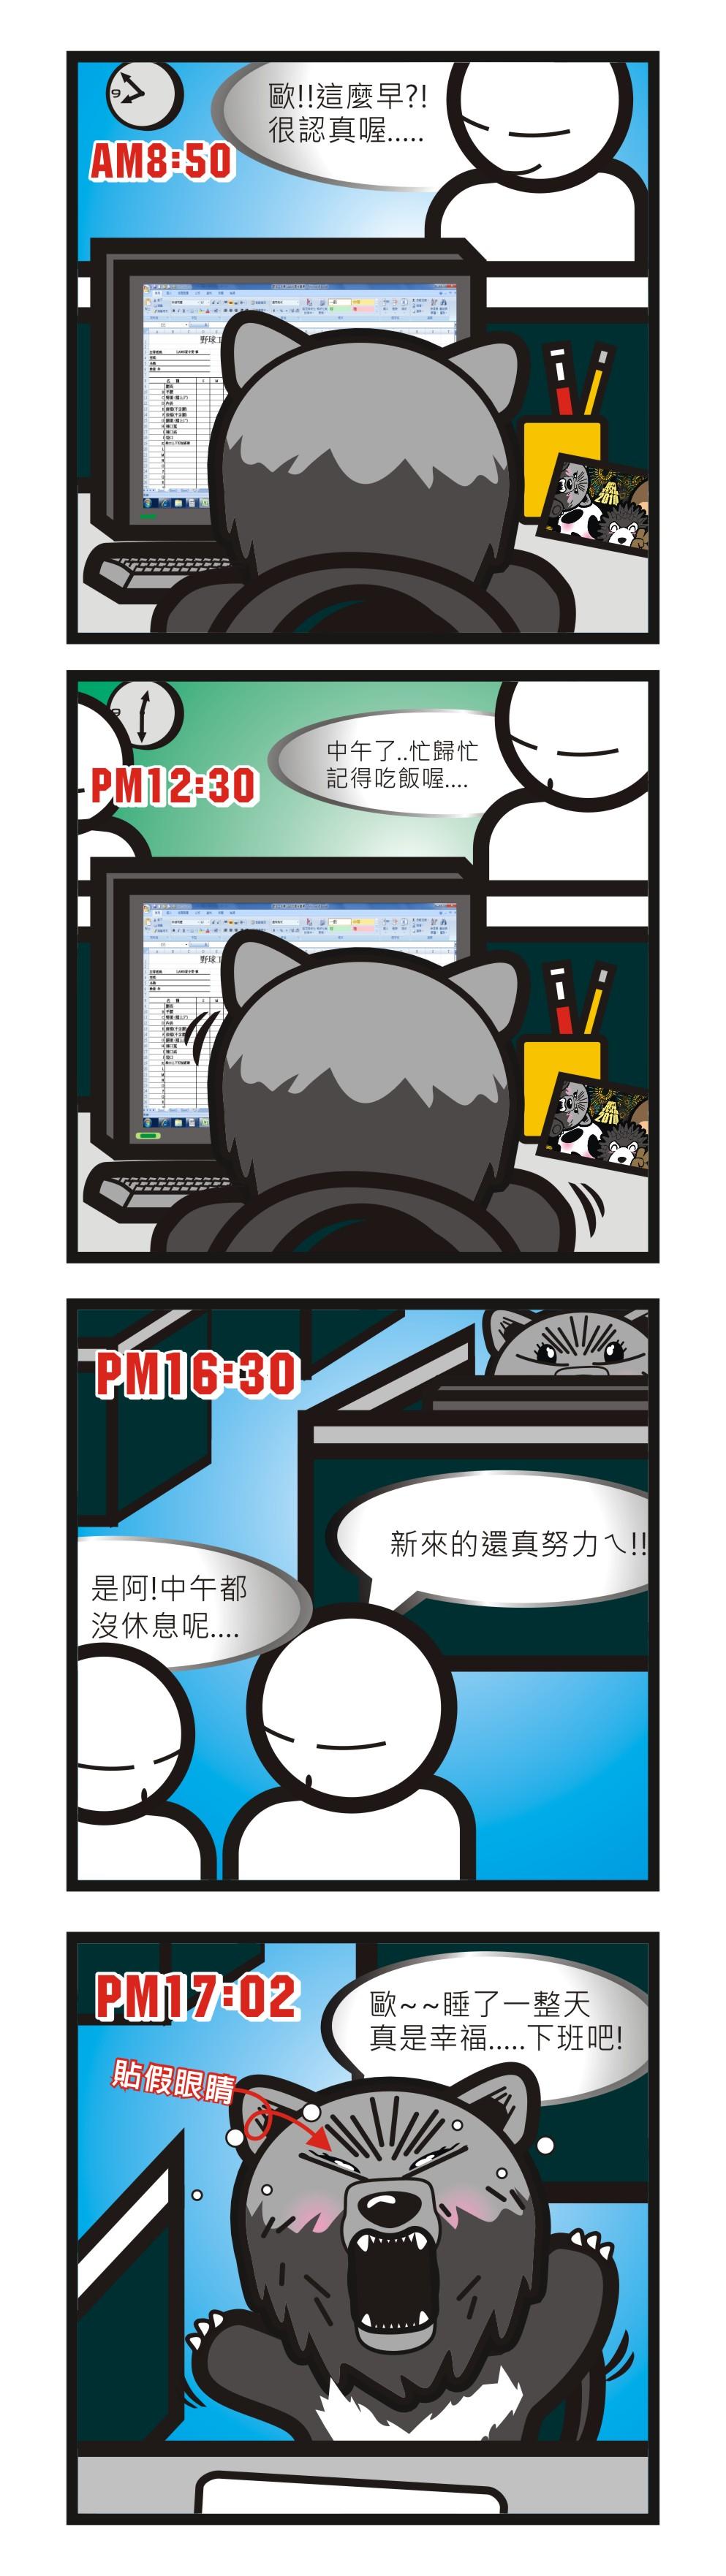 Vol.56 20100611